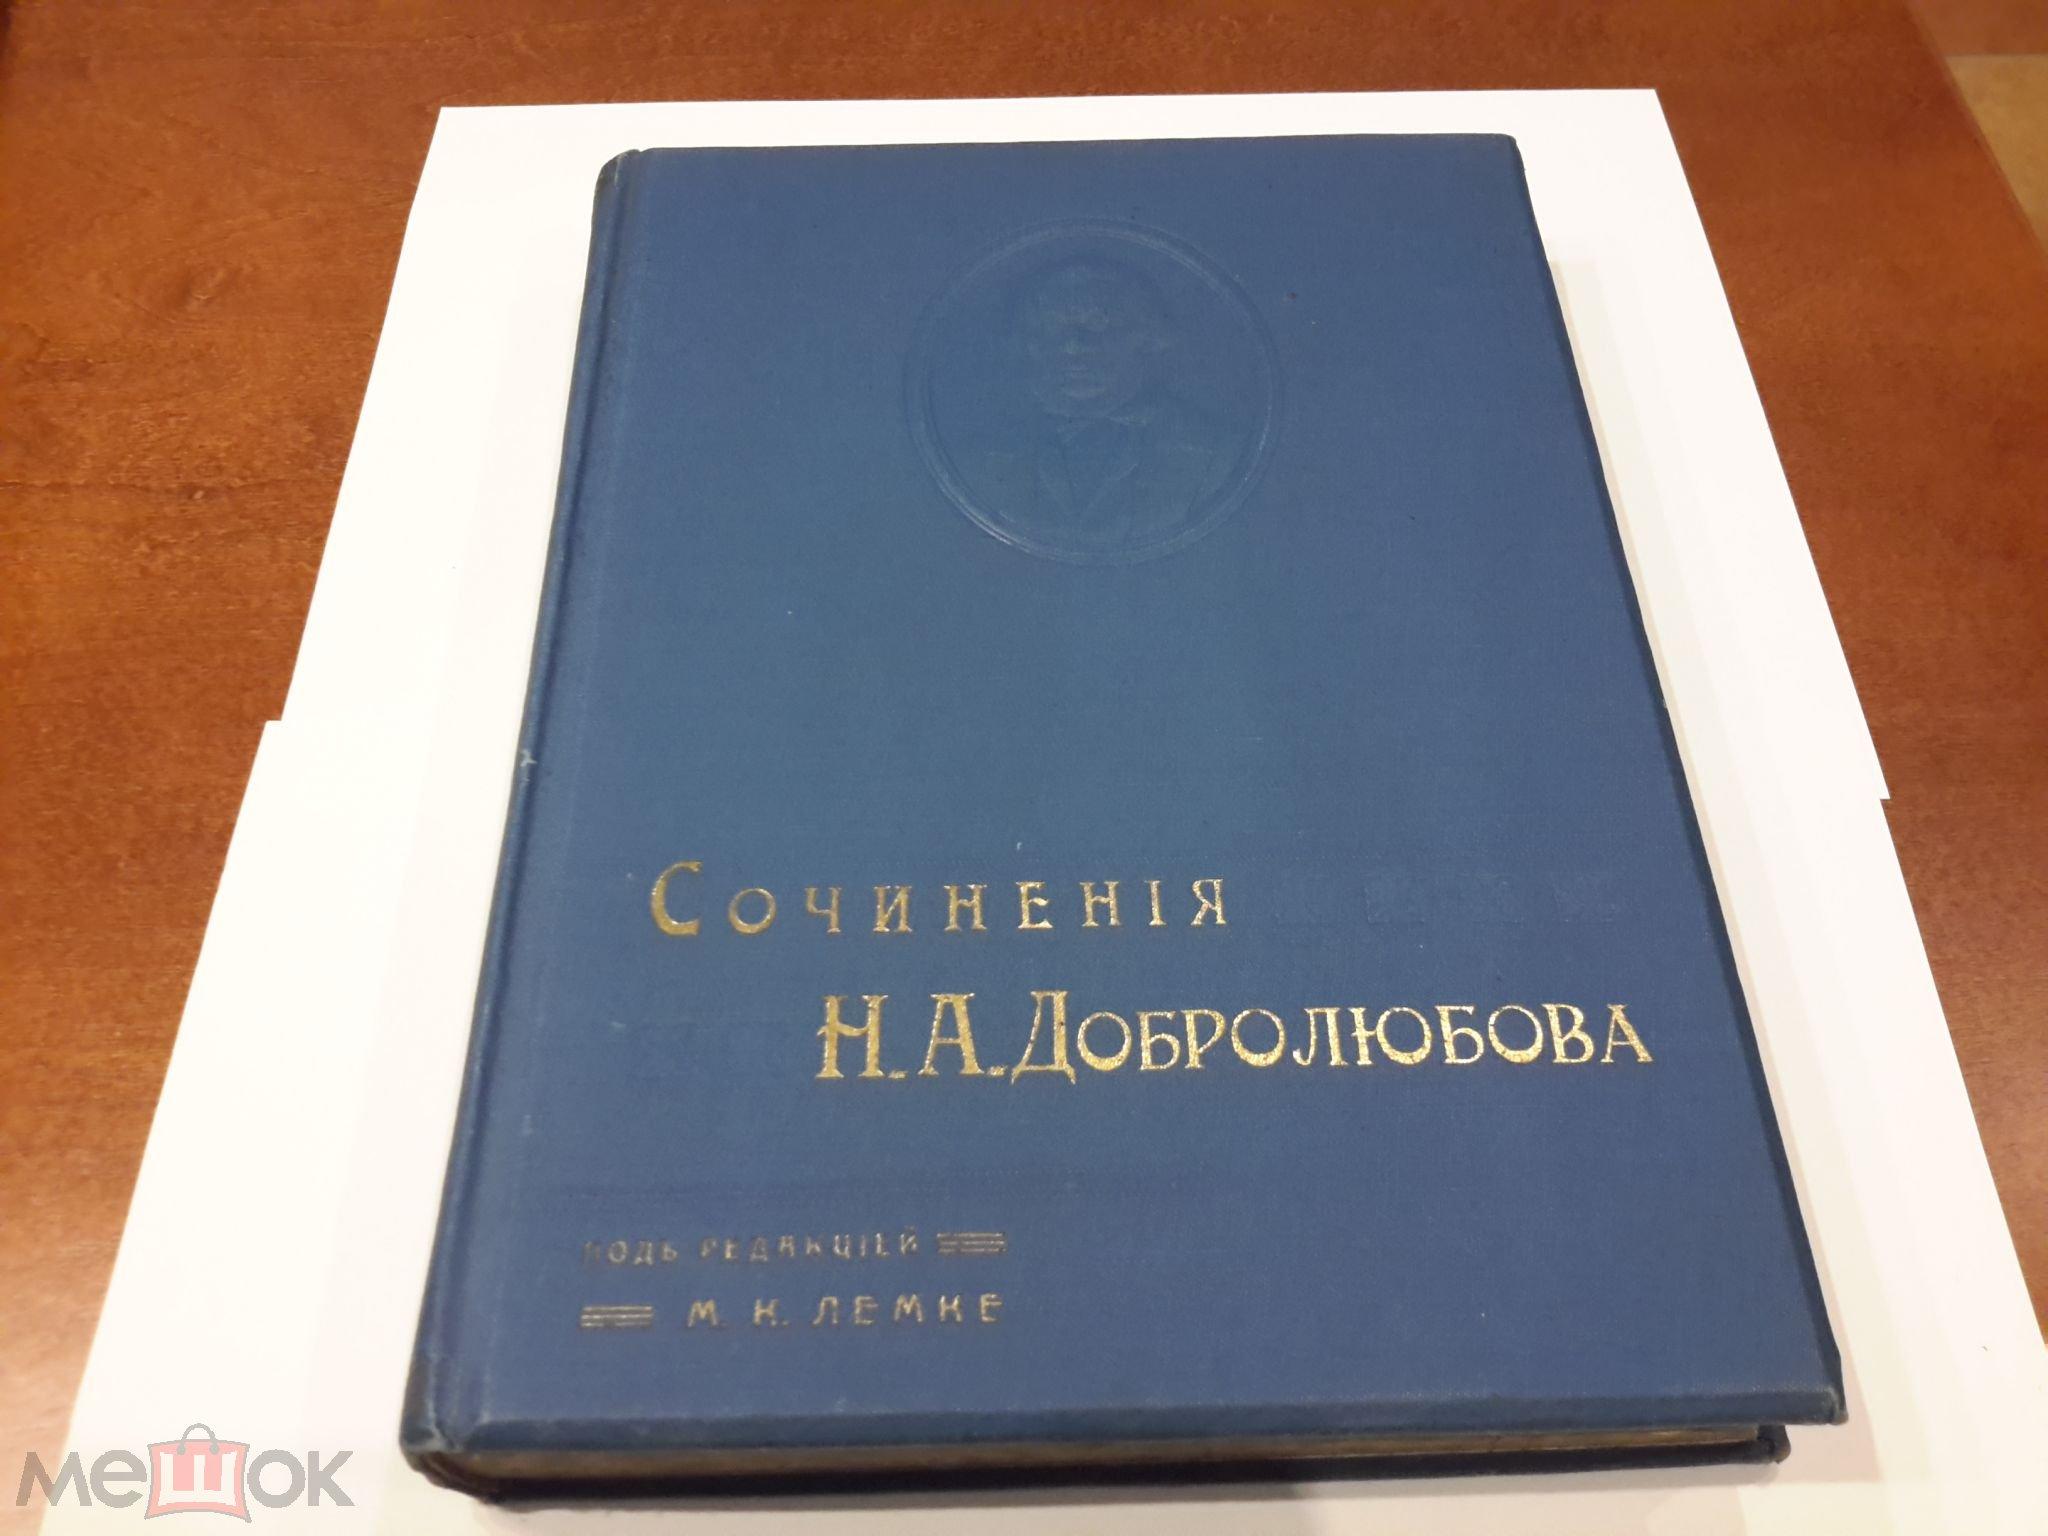 БИБЛИОТЕКА РУССКИХ КРИТИКОВ , ПЕРВОЕ ПОЛНОЕ СОБРАНИЕ СОЧИНЕНИЙ Н.А.ДОБРОЛЮБОВА  ТОМ 2 , 1911 ГОД.